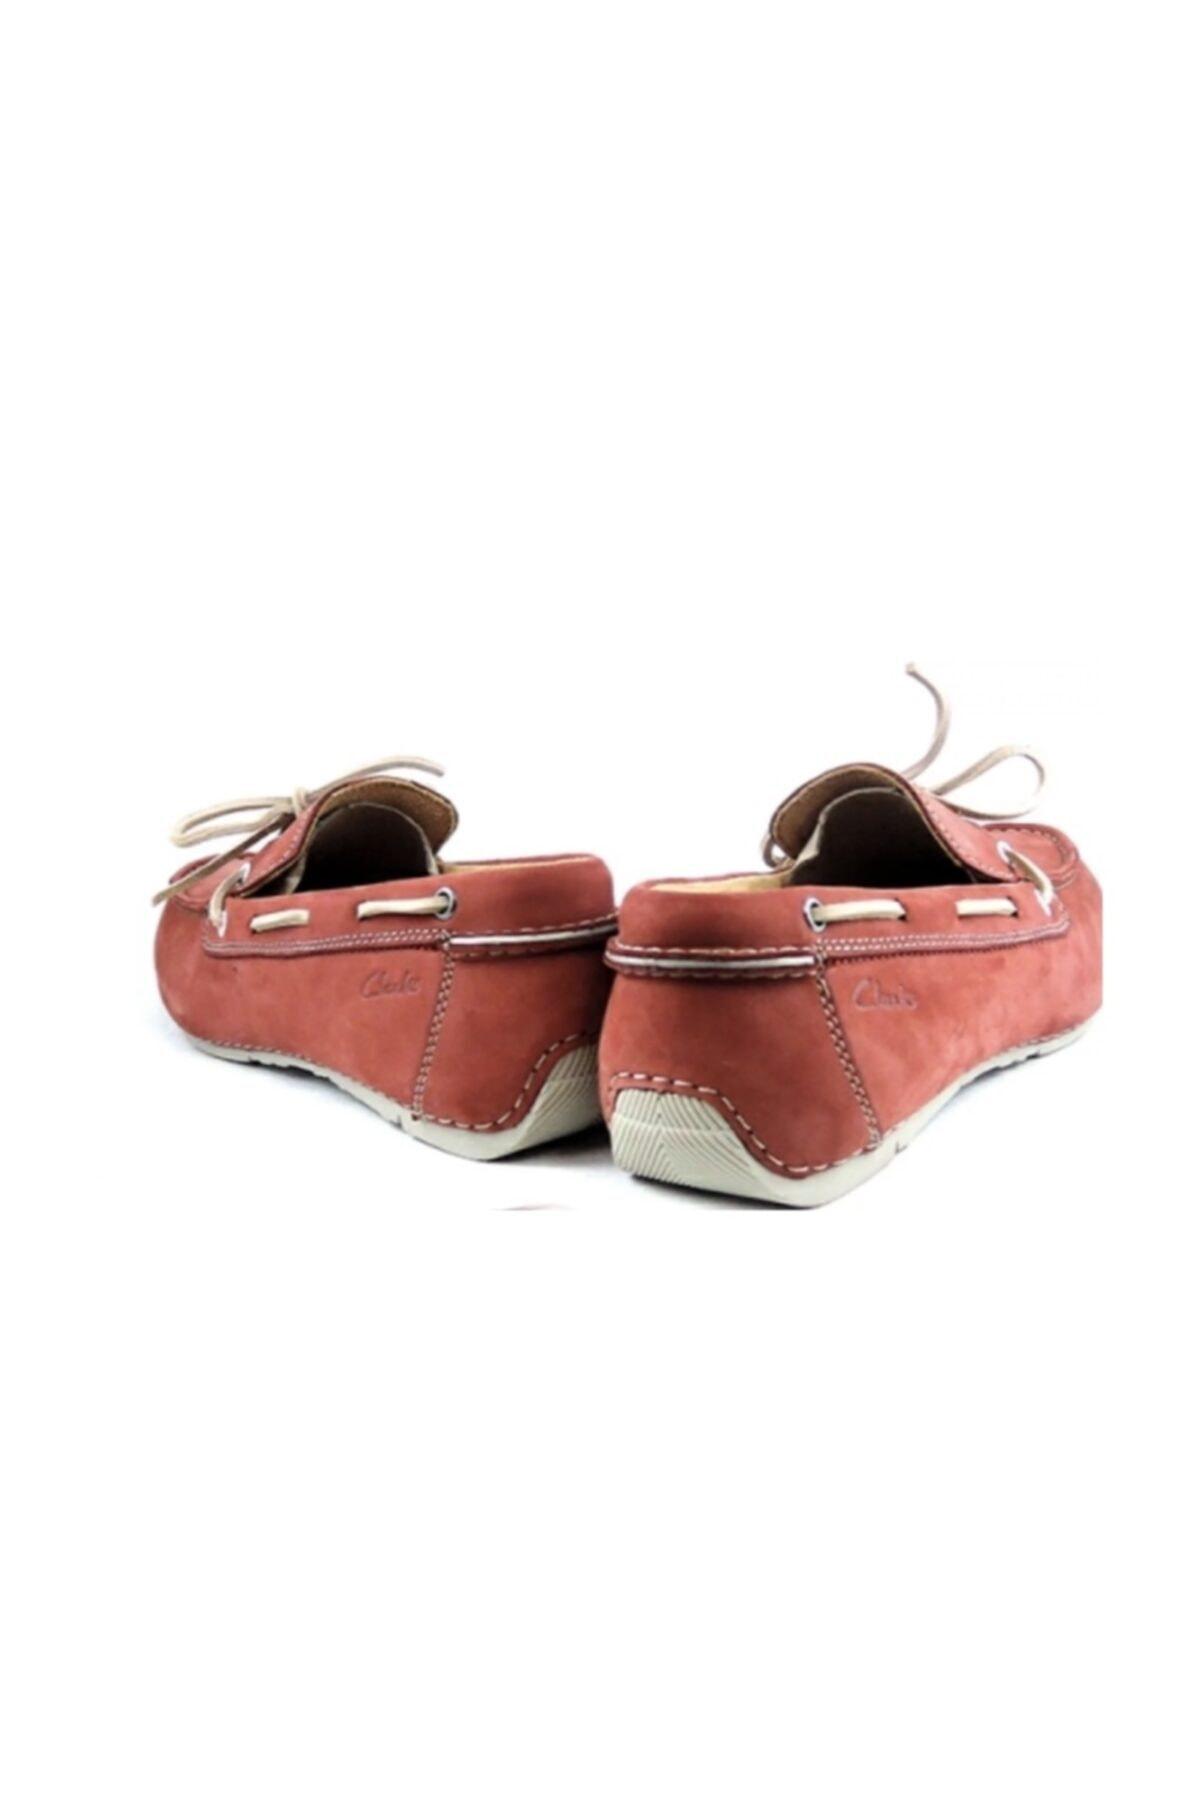 CLARKS Erkek Kırmızı Hakiki Deri Ayakkabı 2